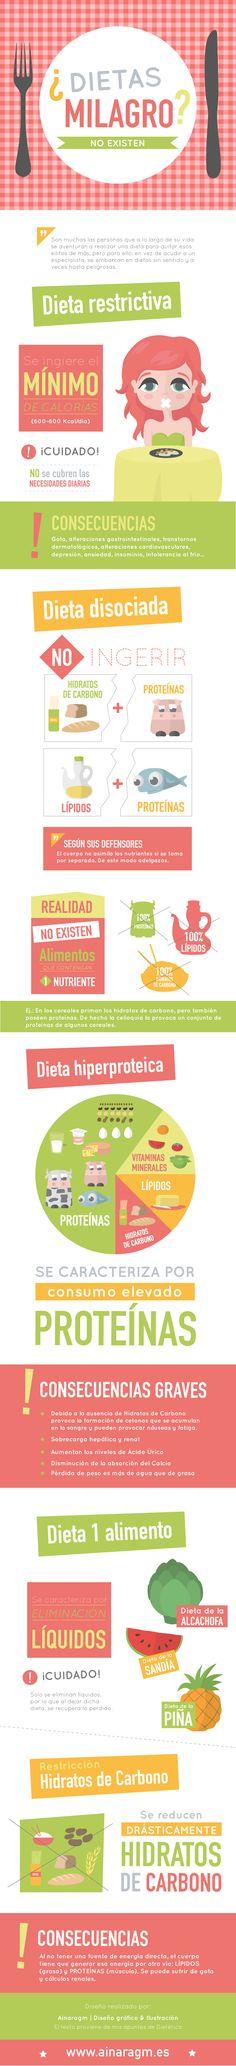 Infografía sobre las consecuencias de las dietas milagro #alimentacion #salud #dieta #dietetica #infografia #diseno #ilustarcion